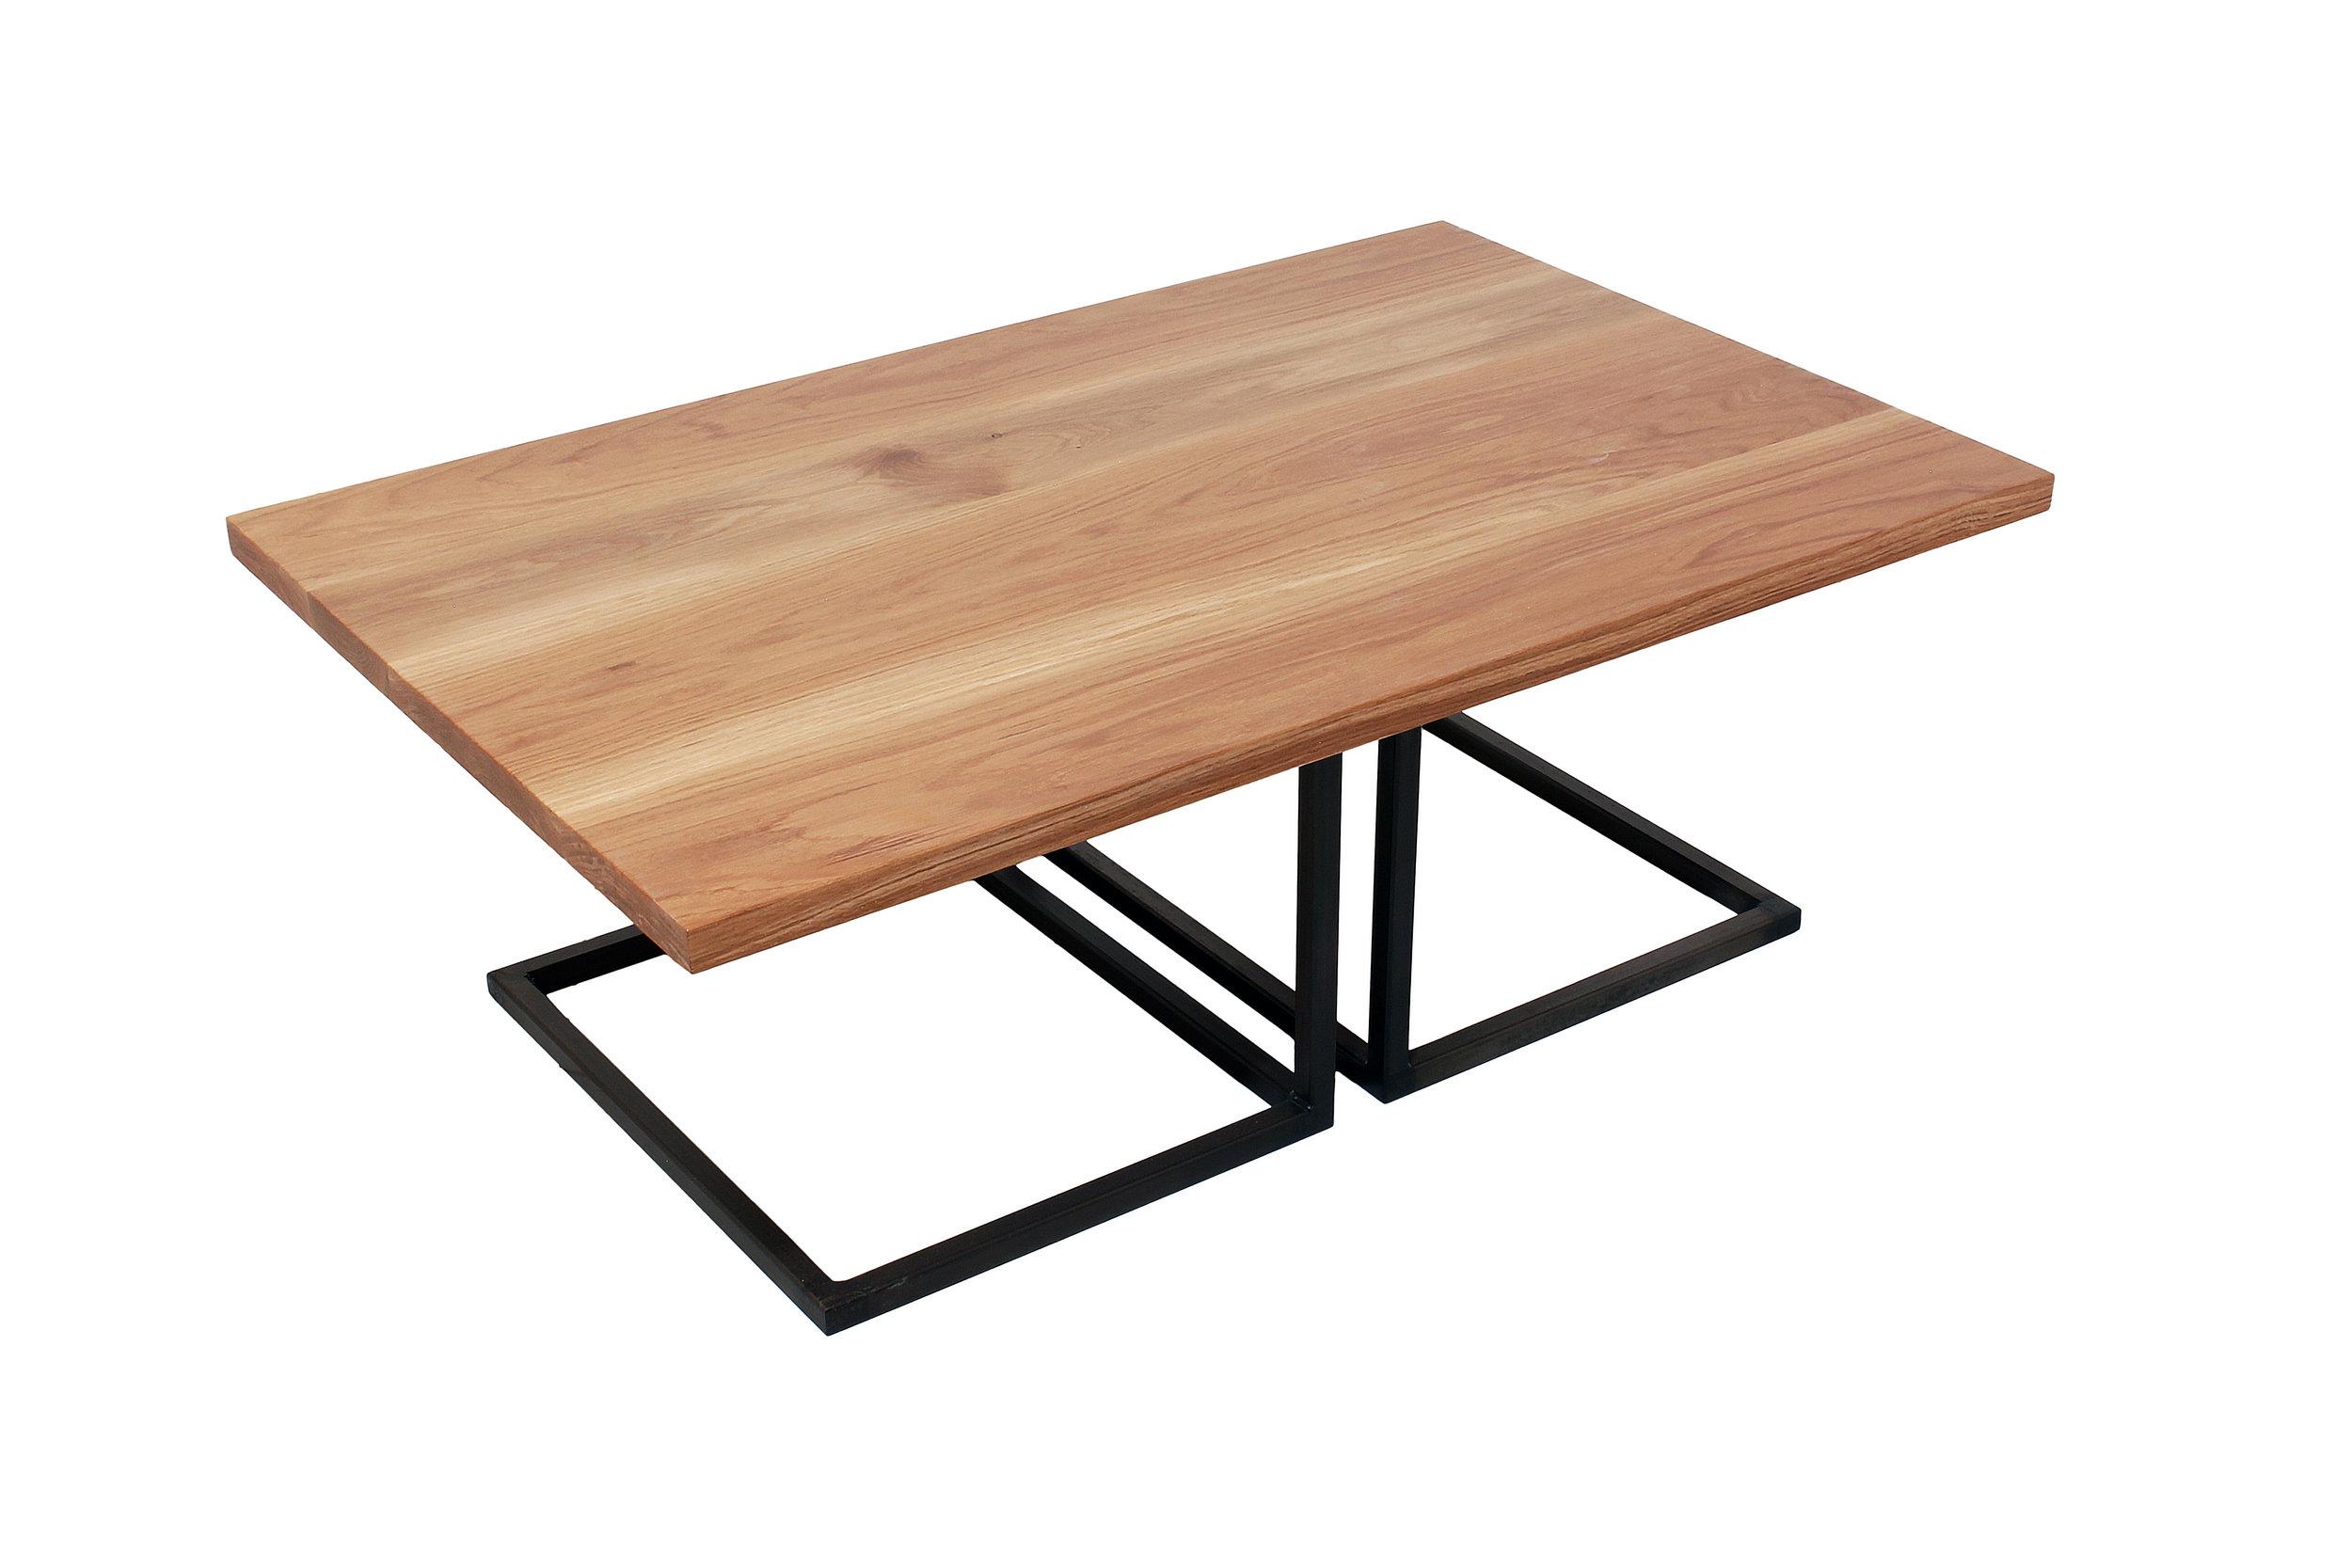 C-table Large Ortho Sterile.jpg